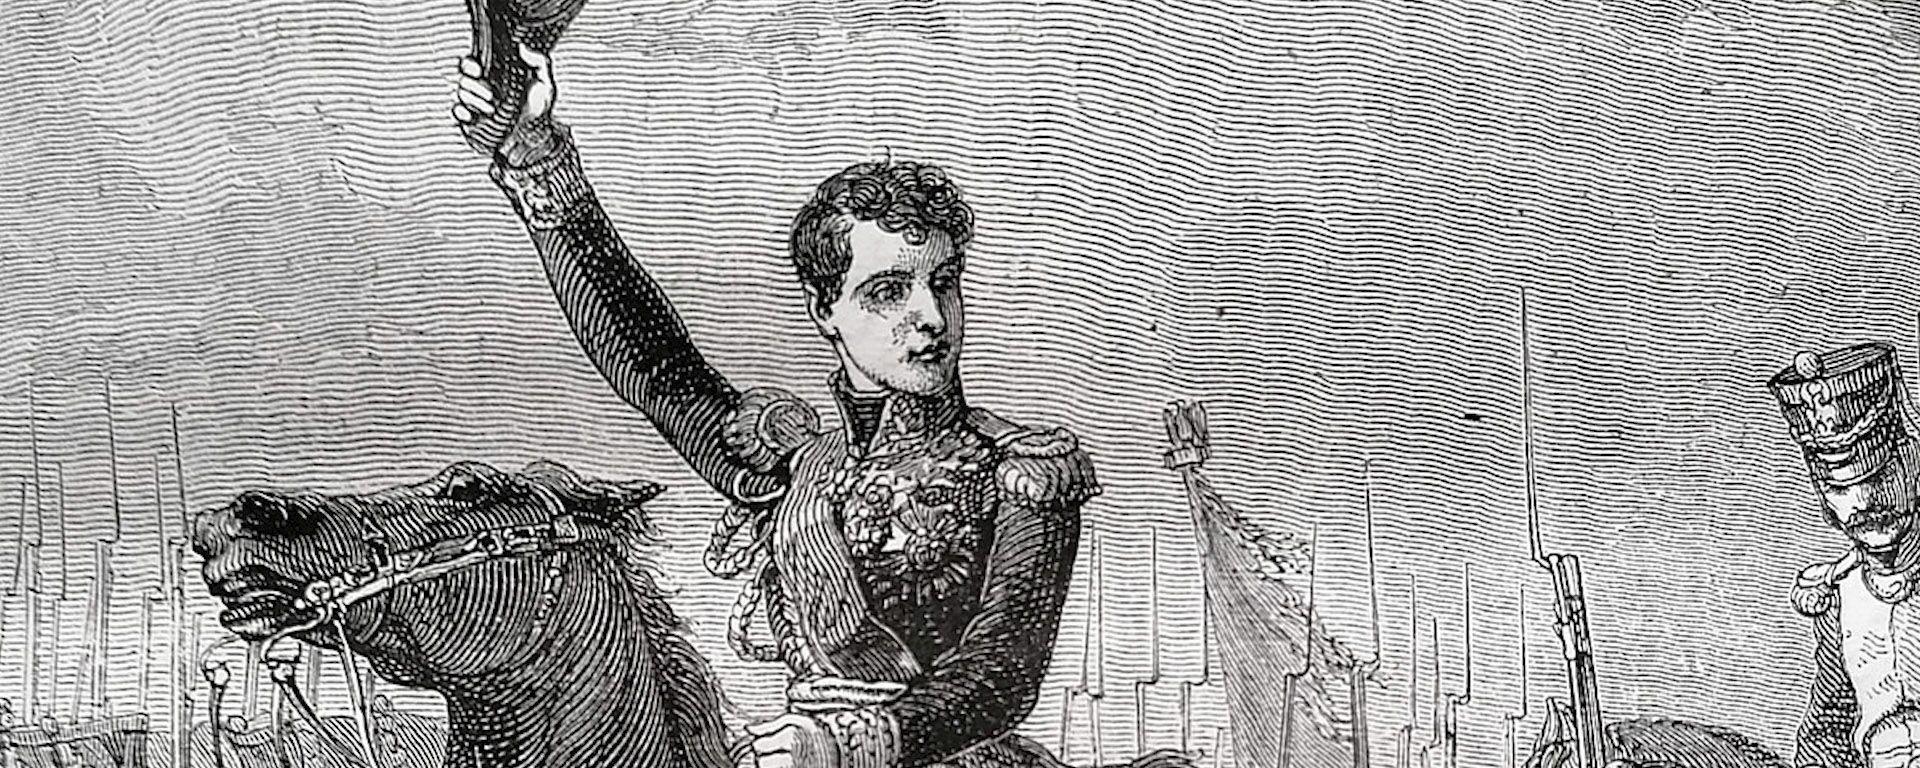 Россия готовится передать Франции останки друга Наполеона - видео - Sputnik Беларусь, 1920, 24.02.2020